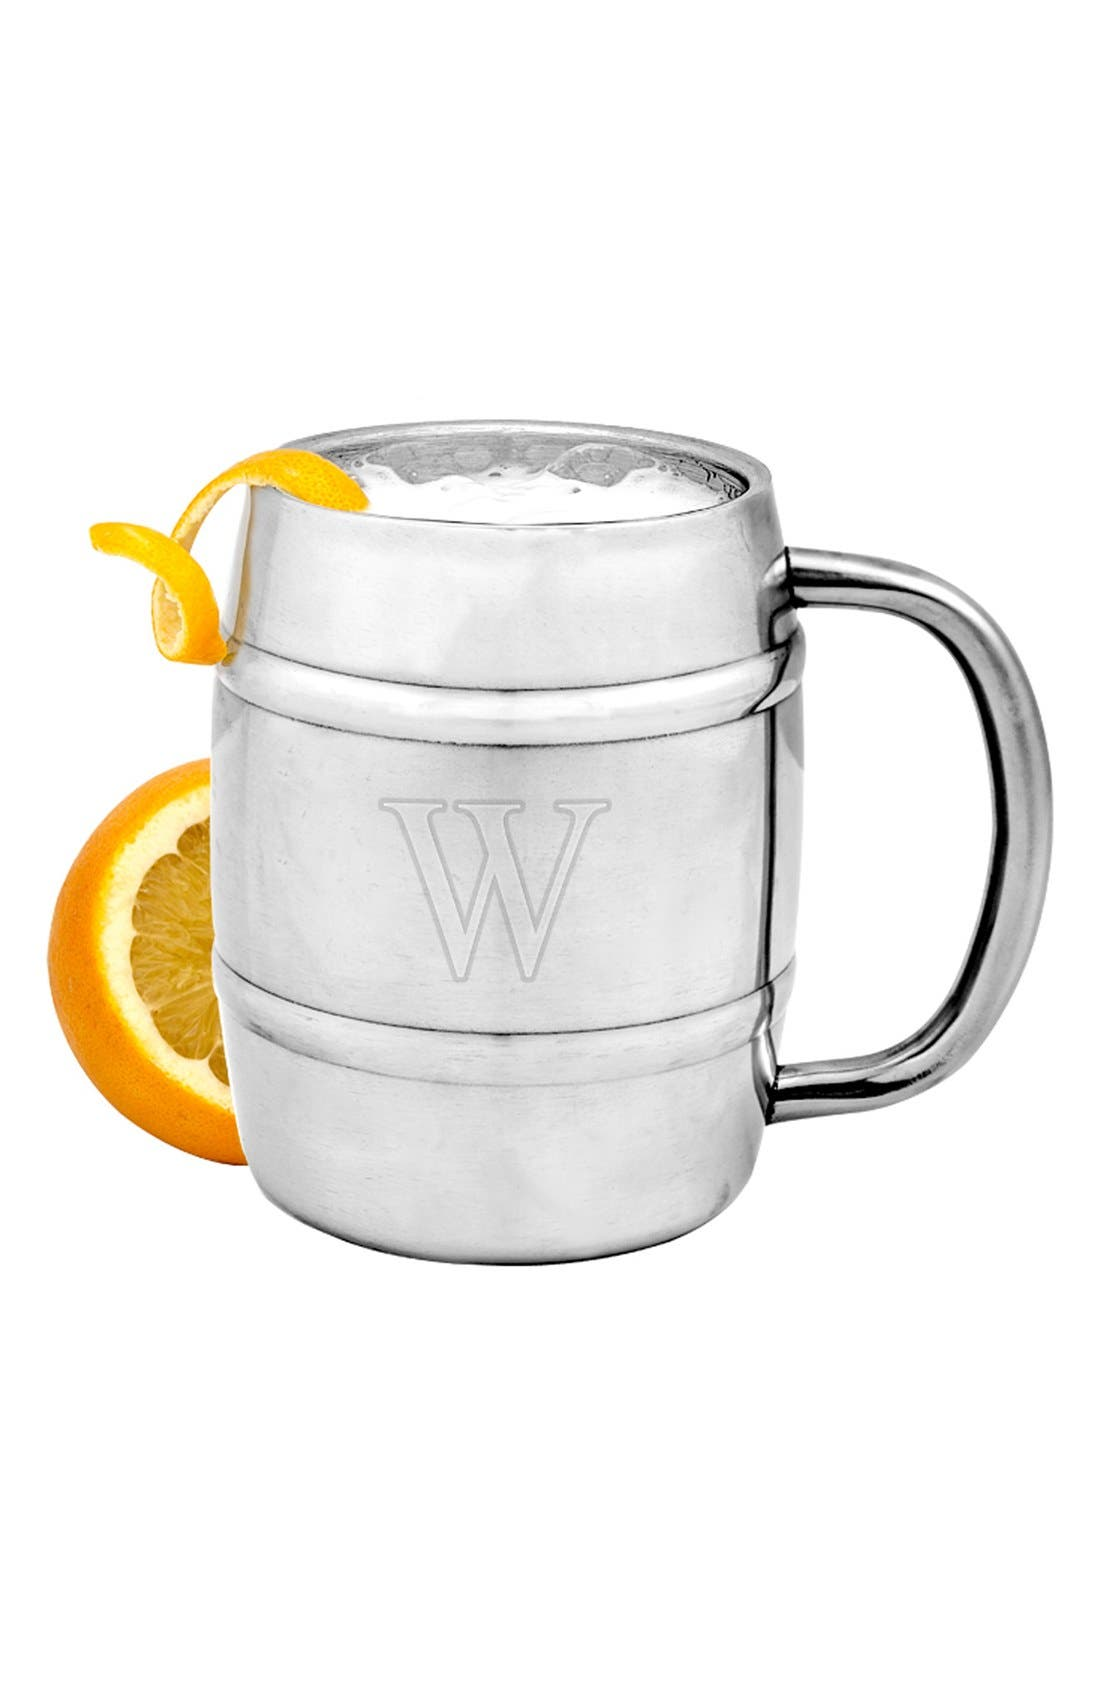 Monogram Stainless Steel Keg Mug,                             Alternate thumbnail 28, color,